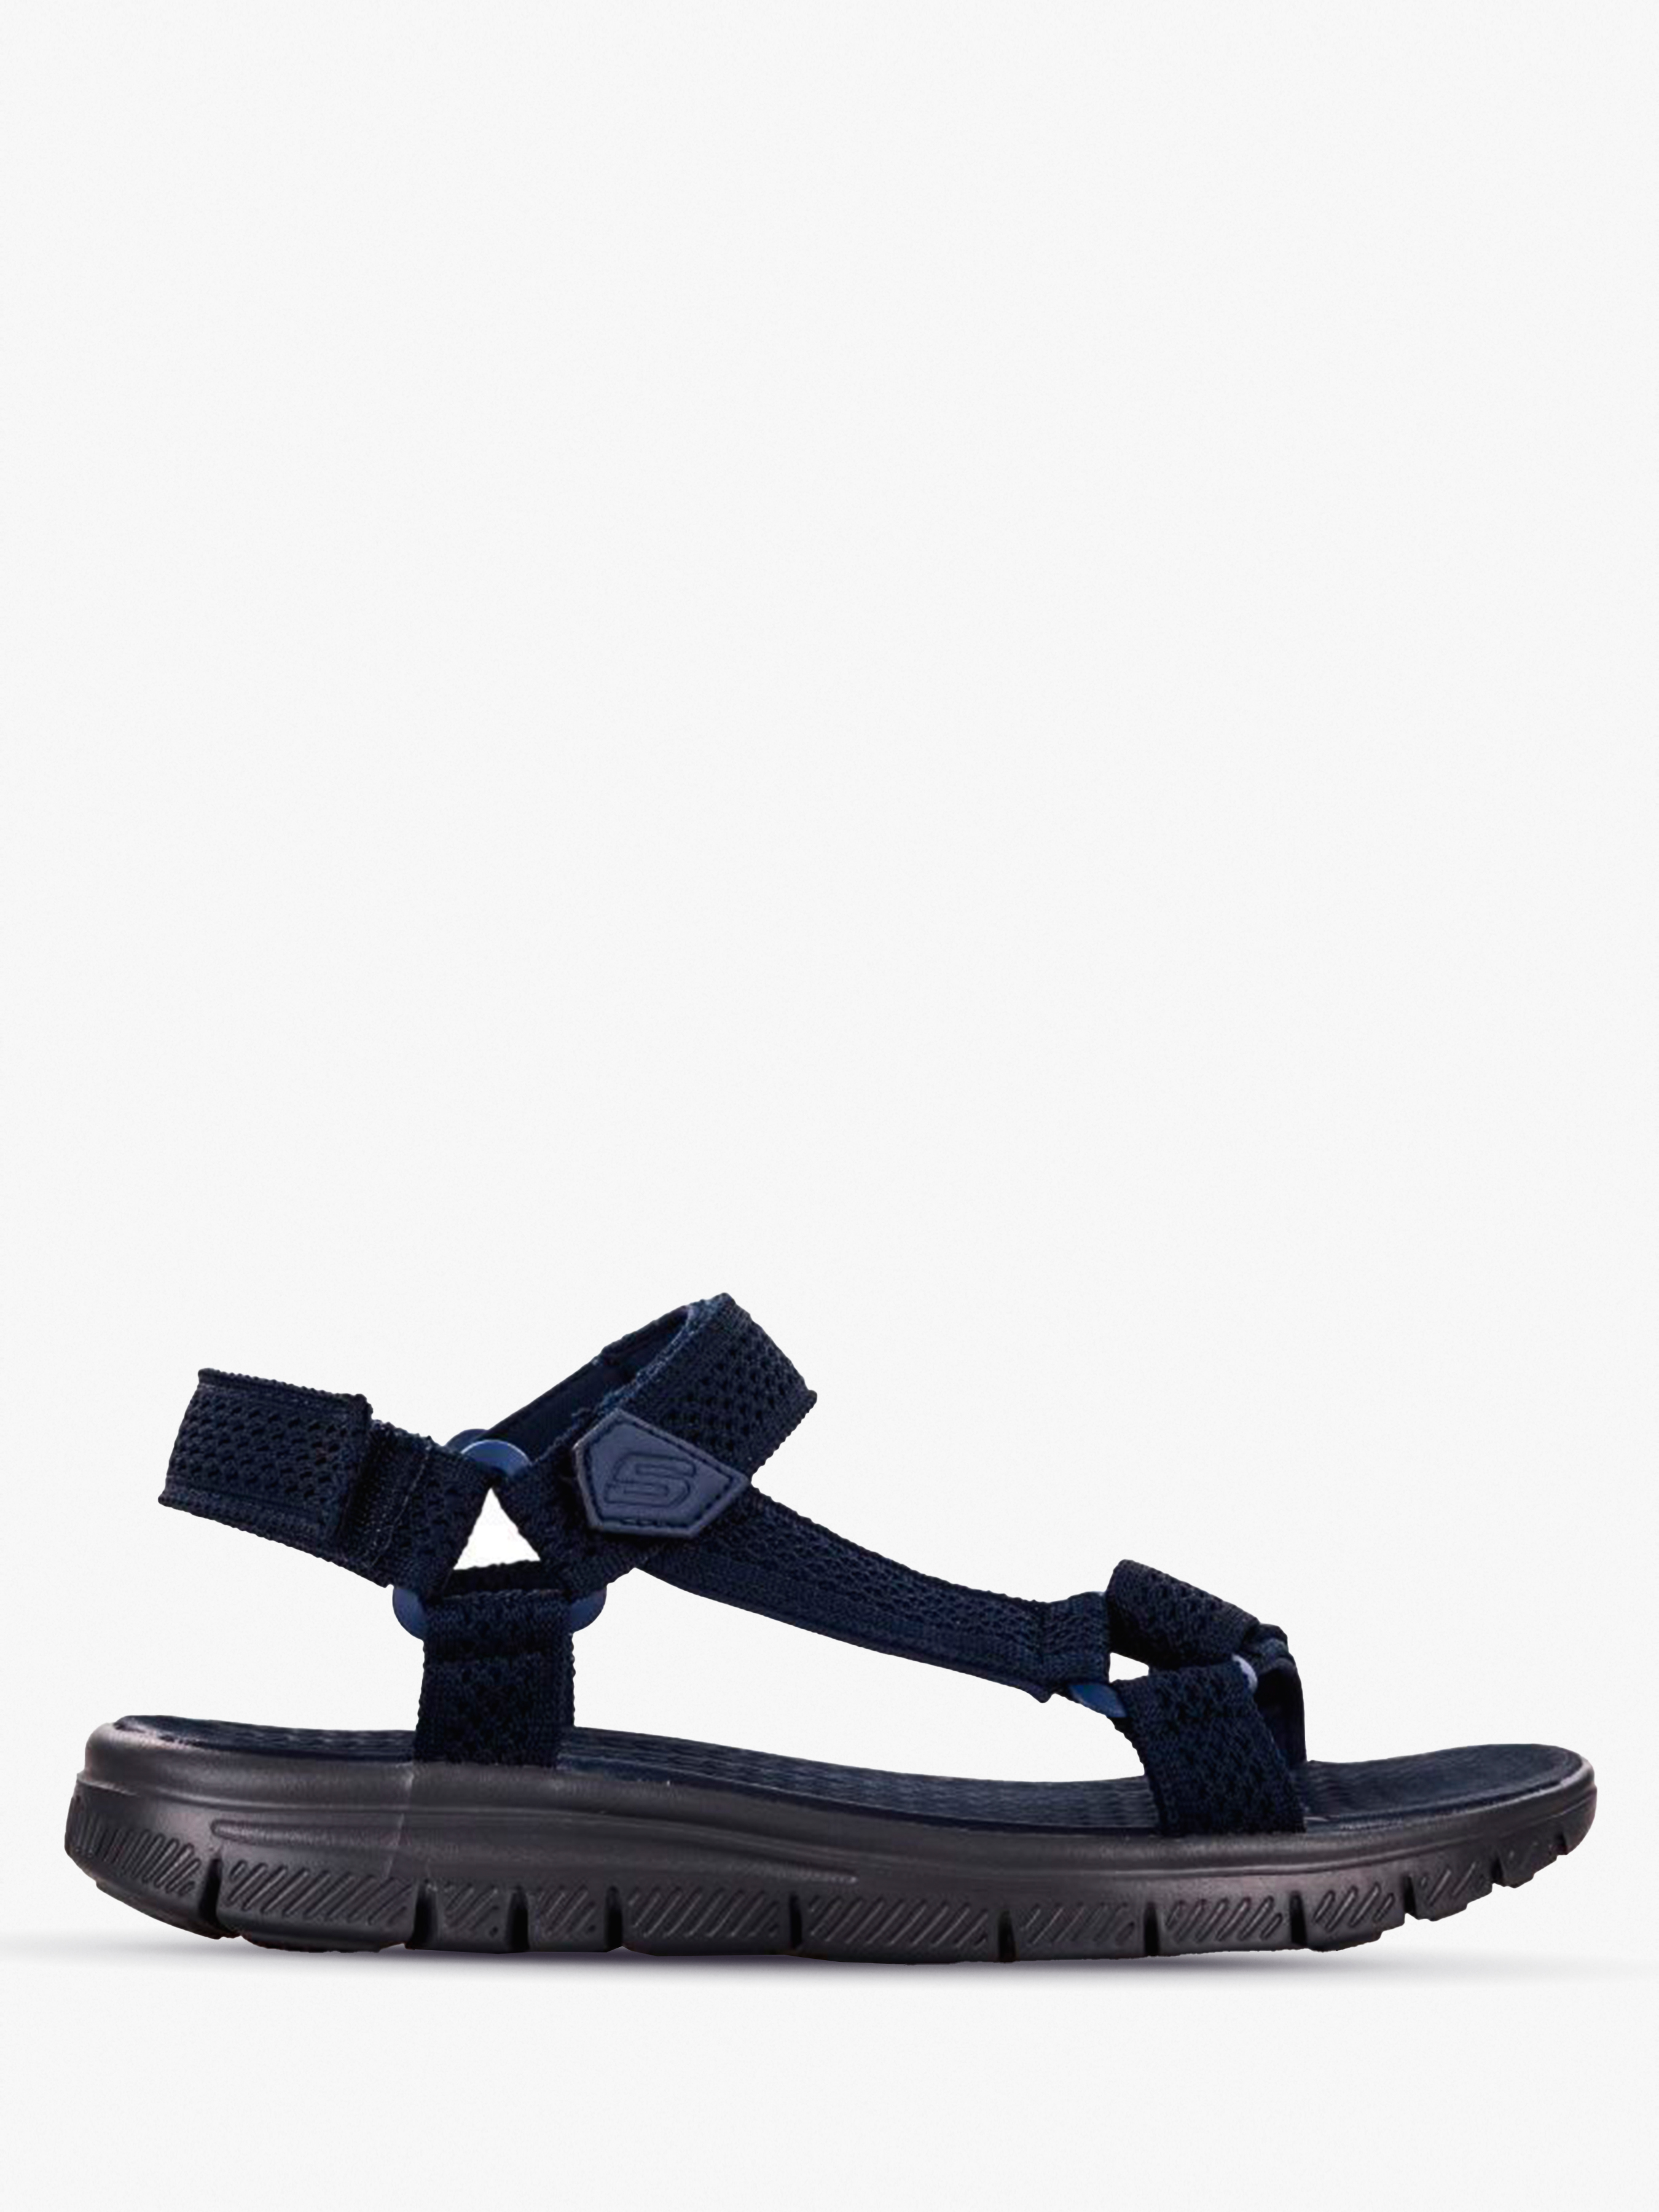 Сандалии для мужчин Skechers KM3127 размеры обуви, 2017